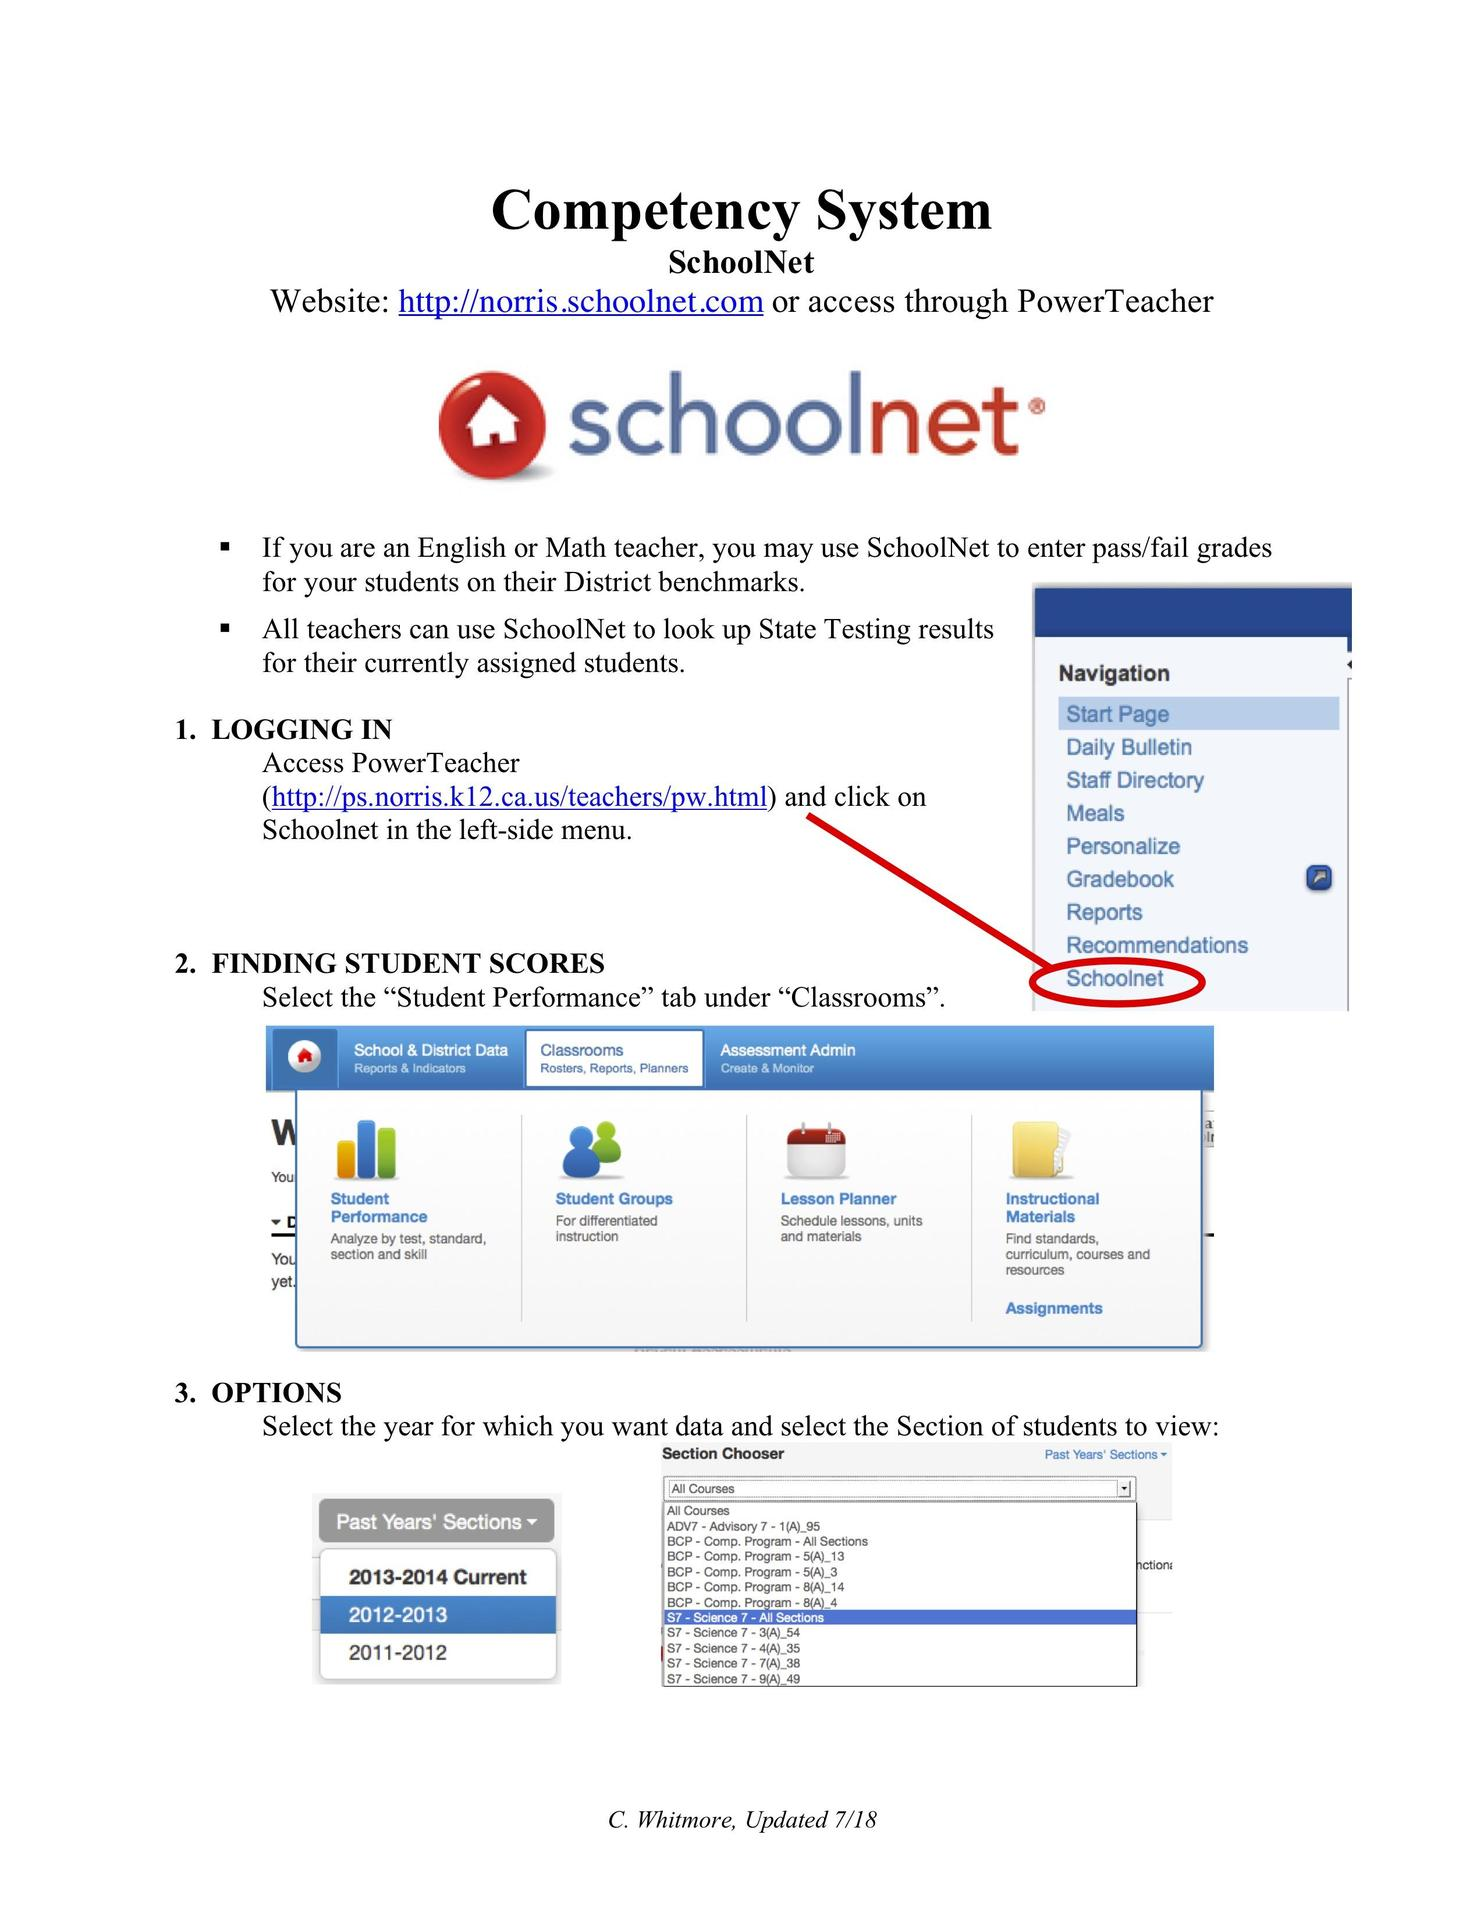 schoolnet help 1